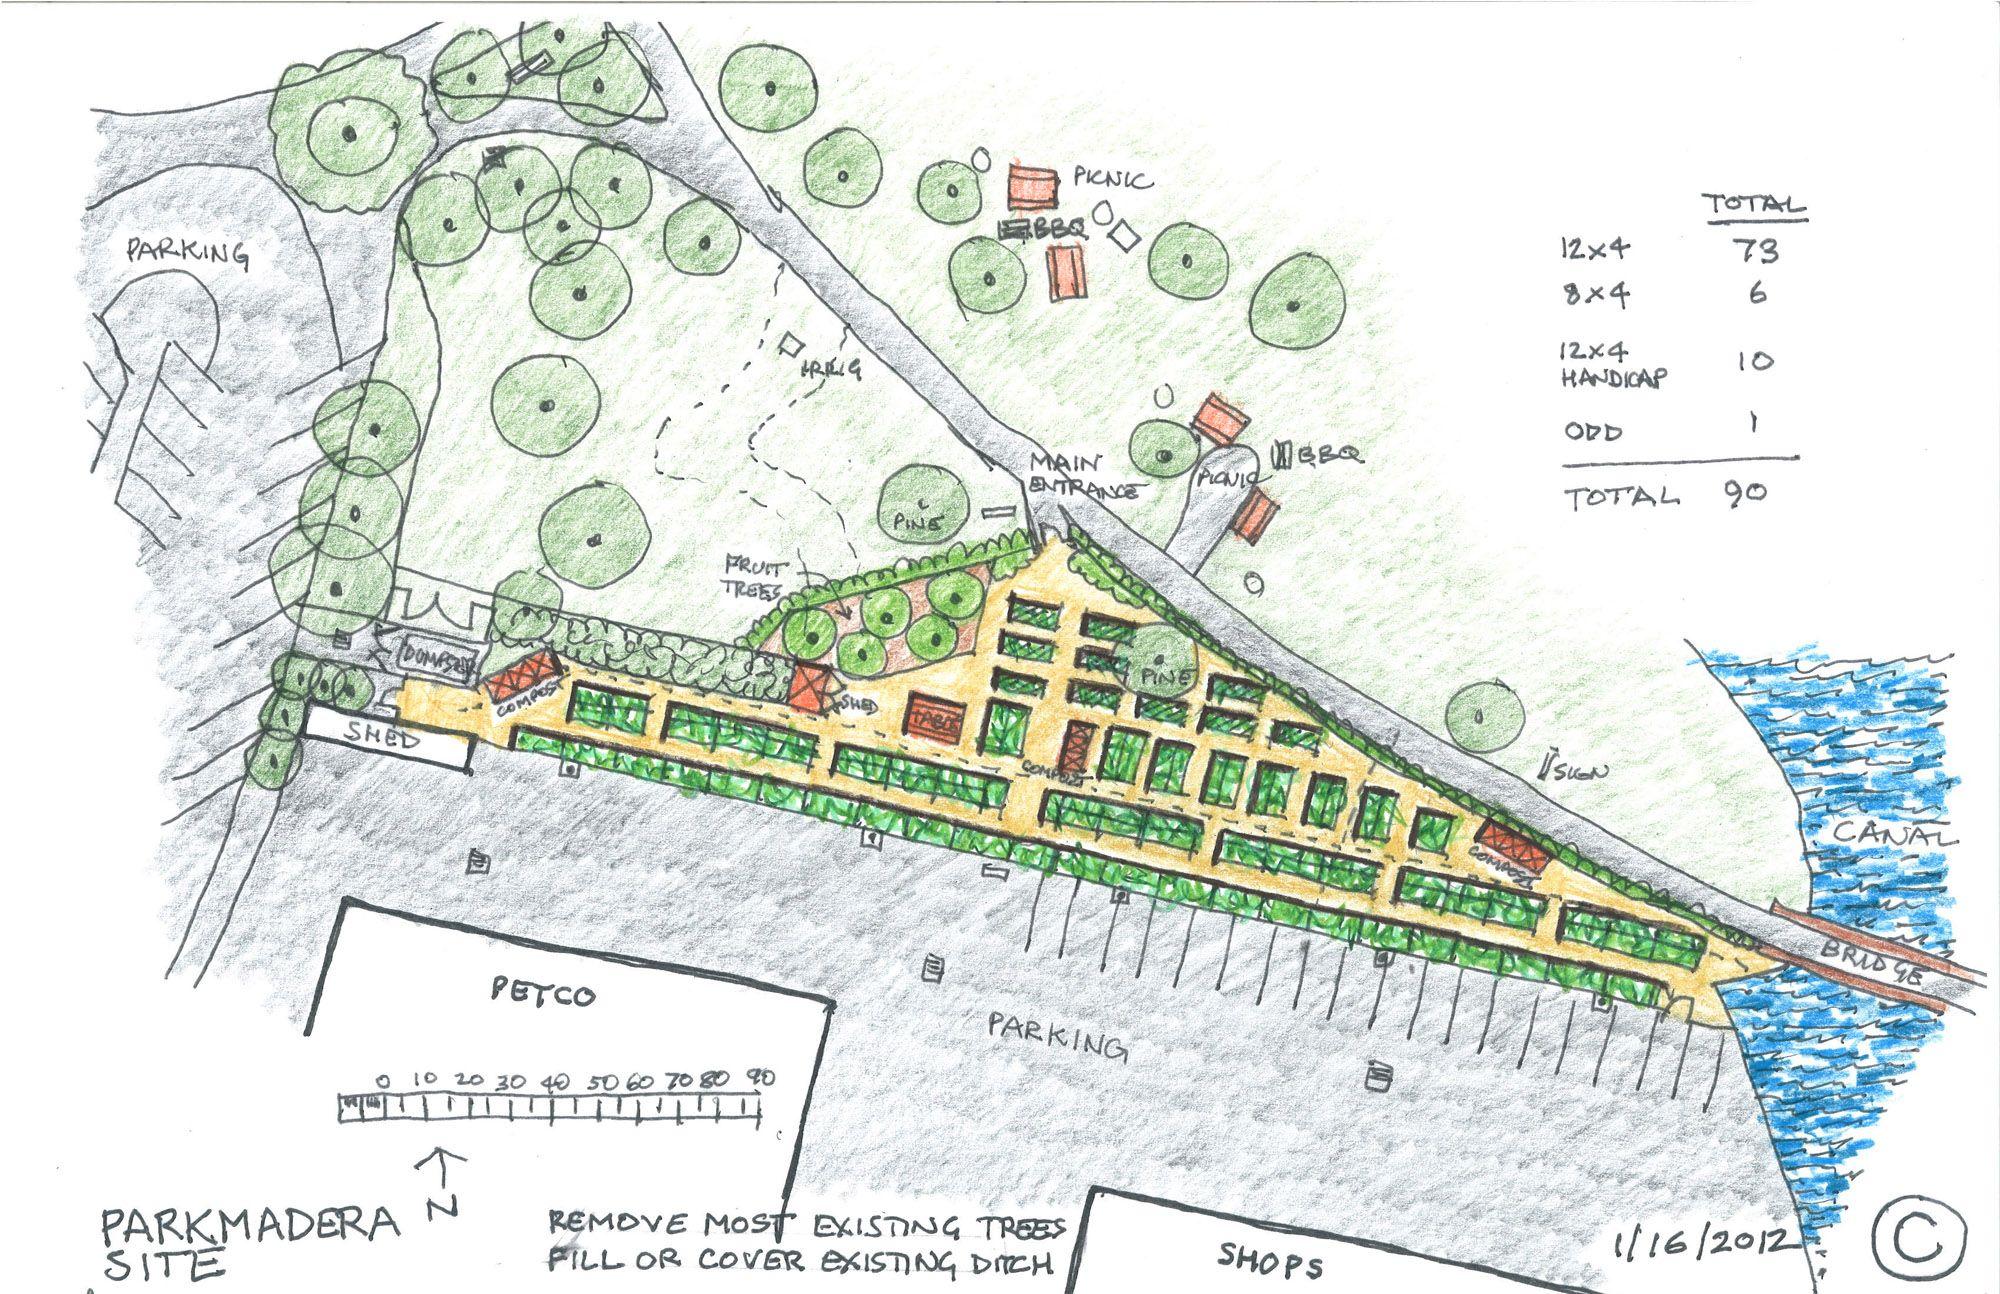 Terrific Community Garden Layout Design on Garden Design ...